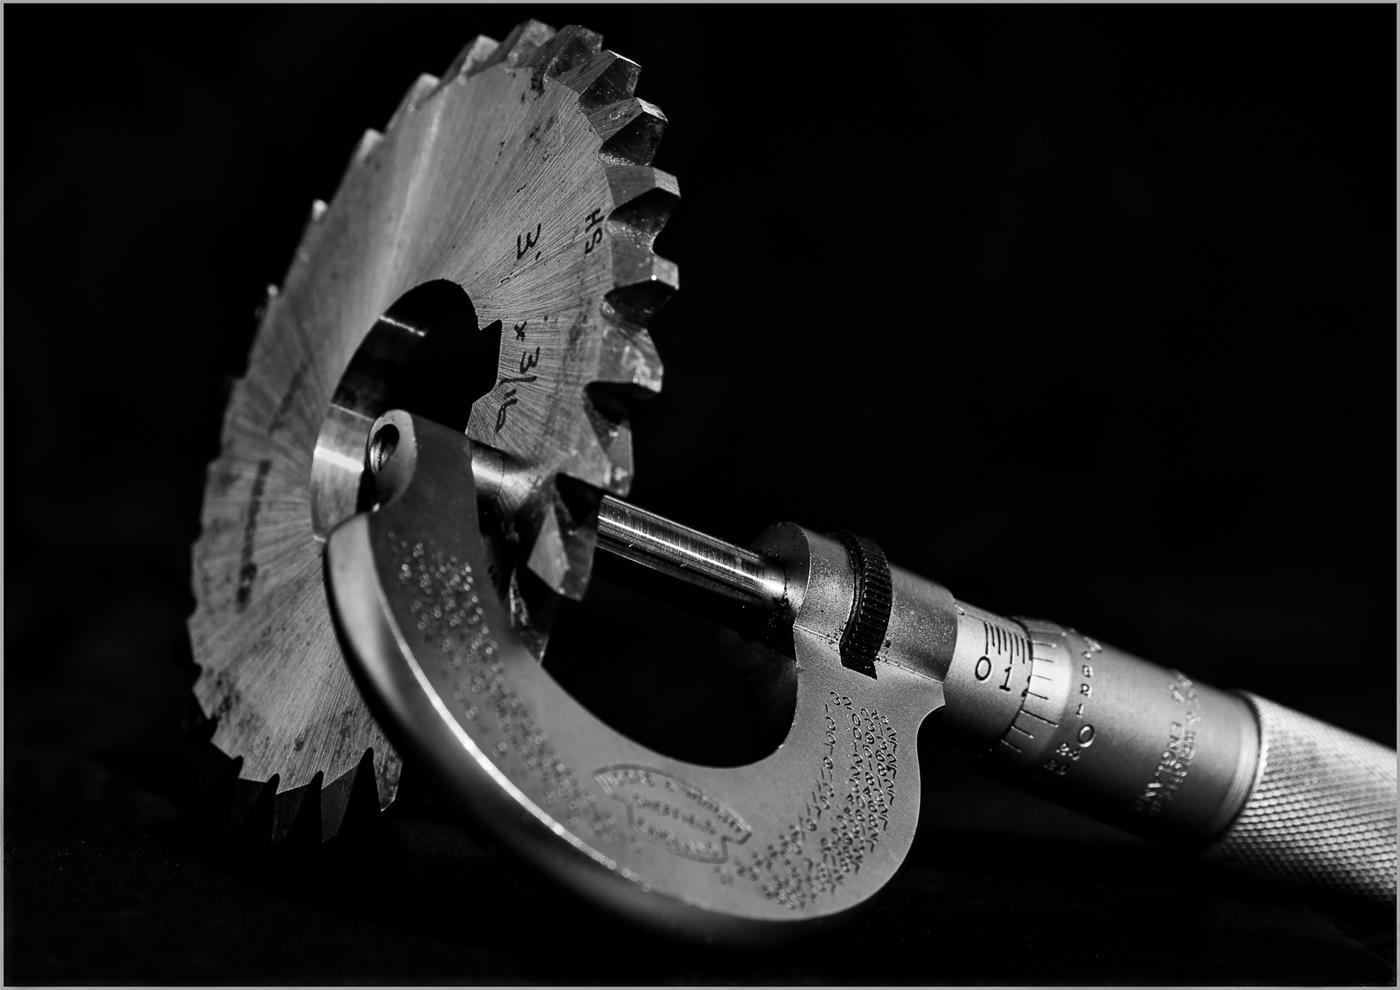 023  Micrometer